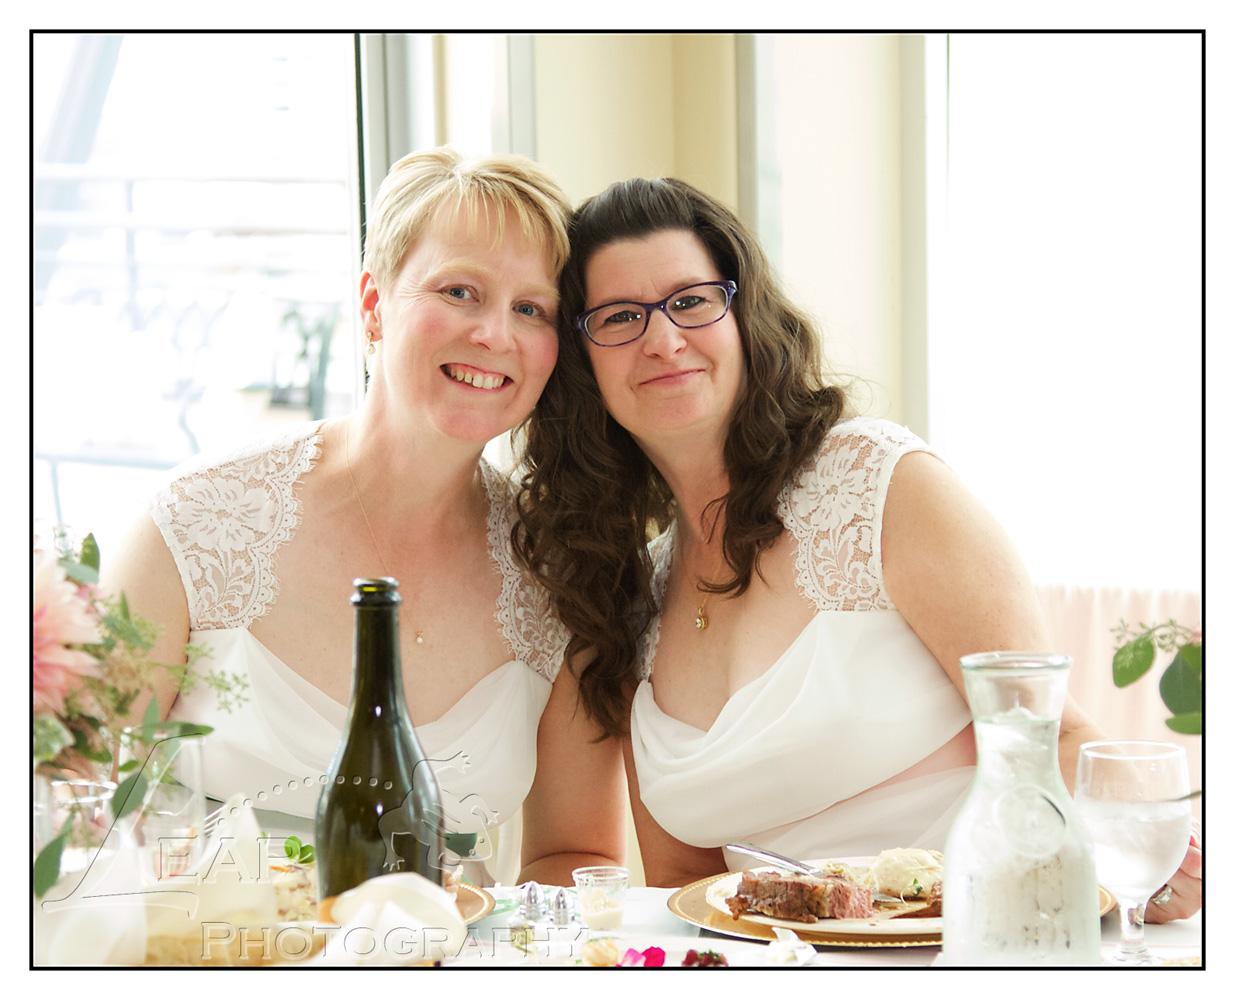 2 brides at wedding reception